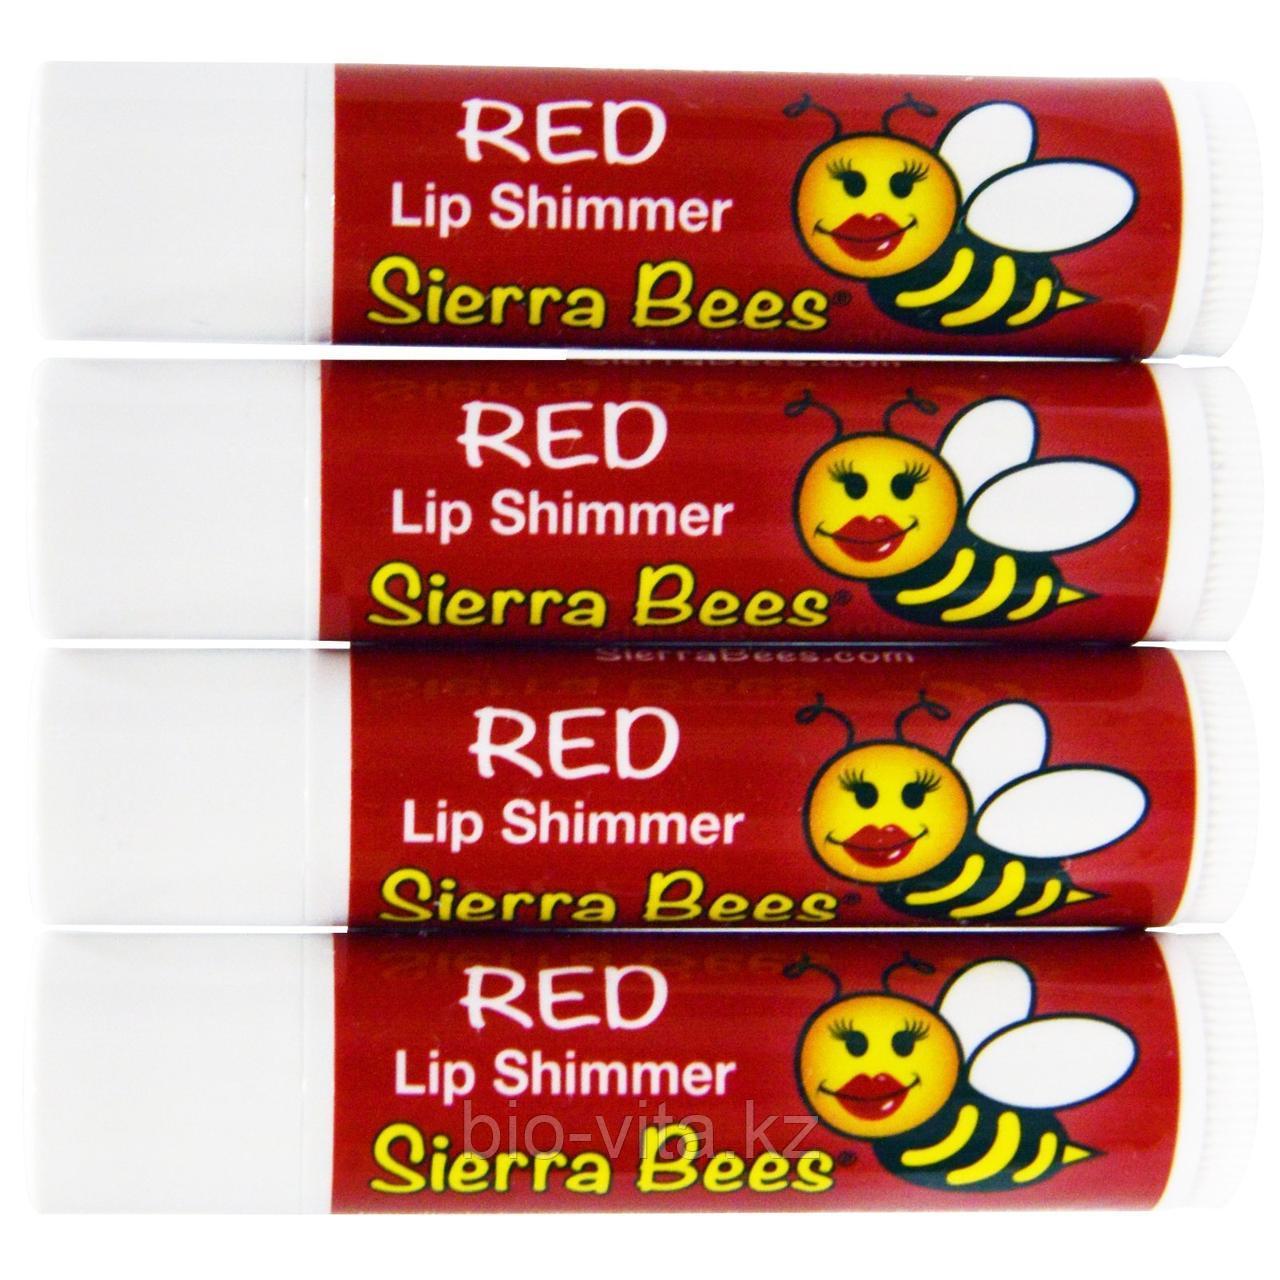 Sierra Bees, Тонированный бальзам-блеск для губ, Красный оттенок.1 шт.